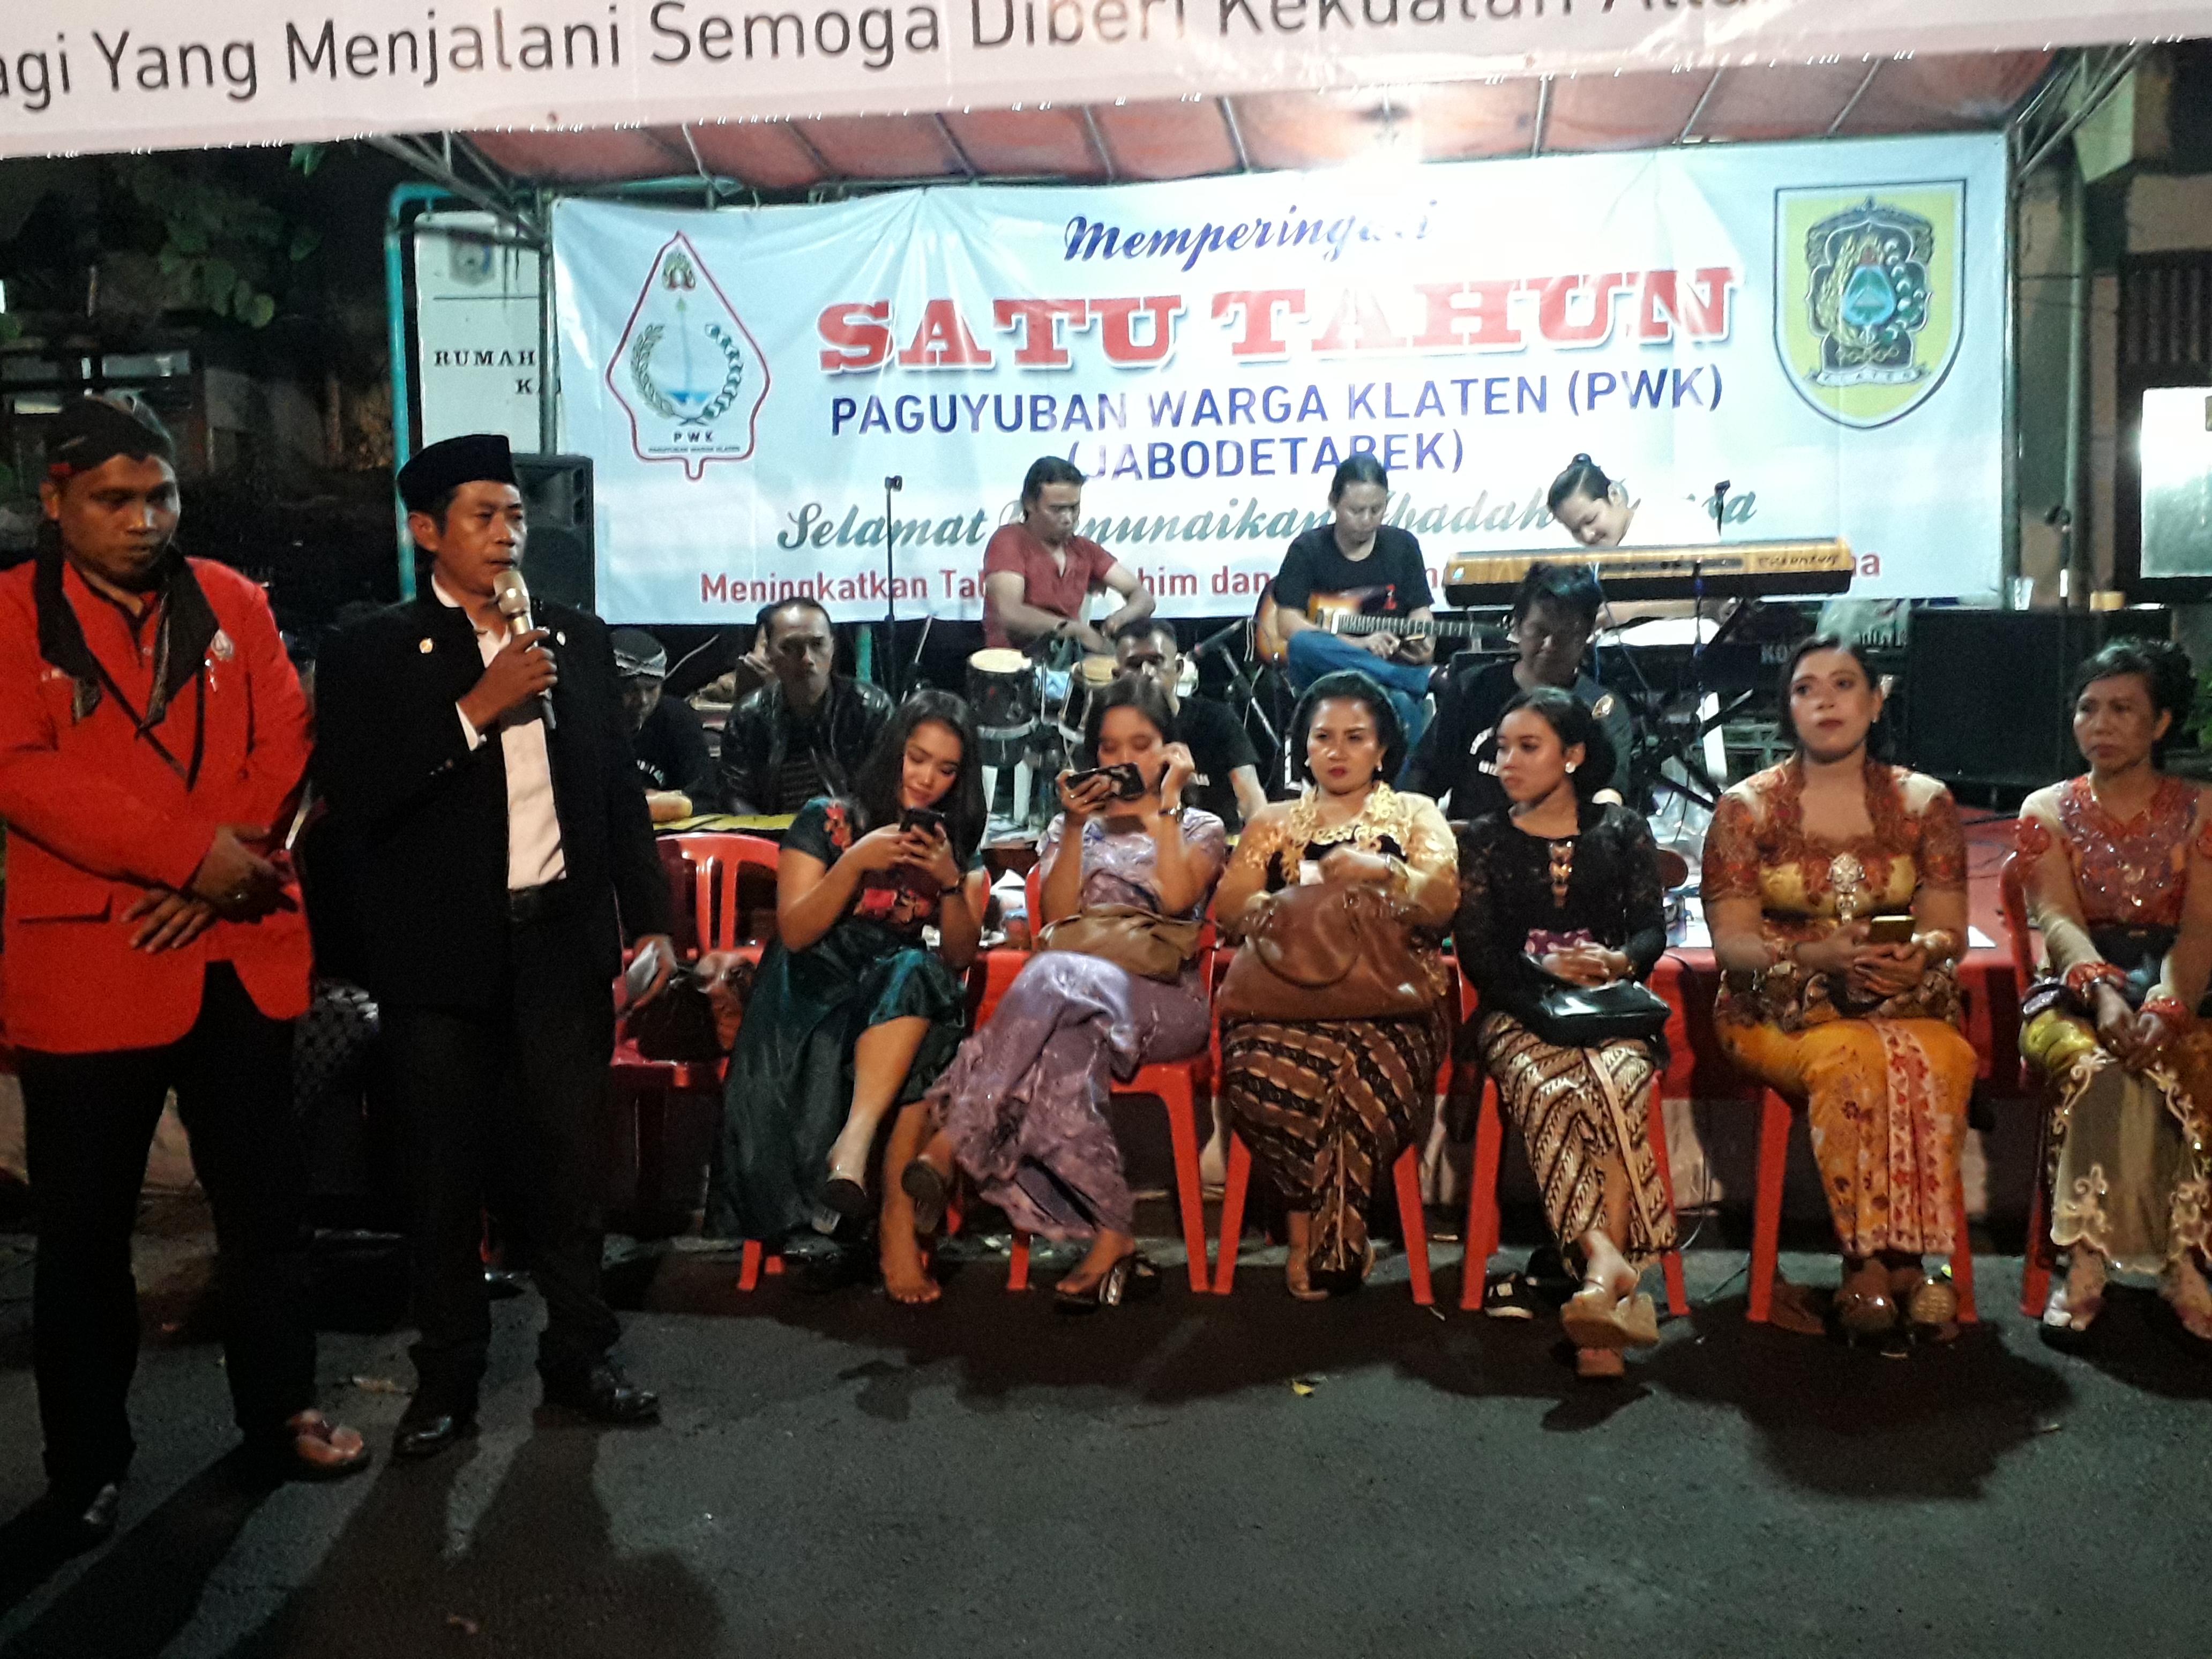 Peringatan 1 Tahun Paguyuban Warga Klaten, Sarana Pelestarian Budaya Tradisi